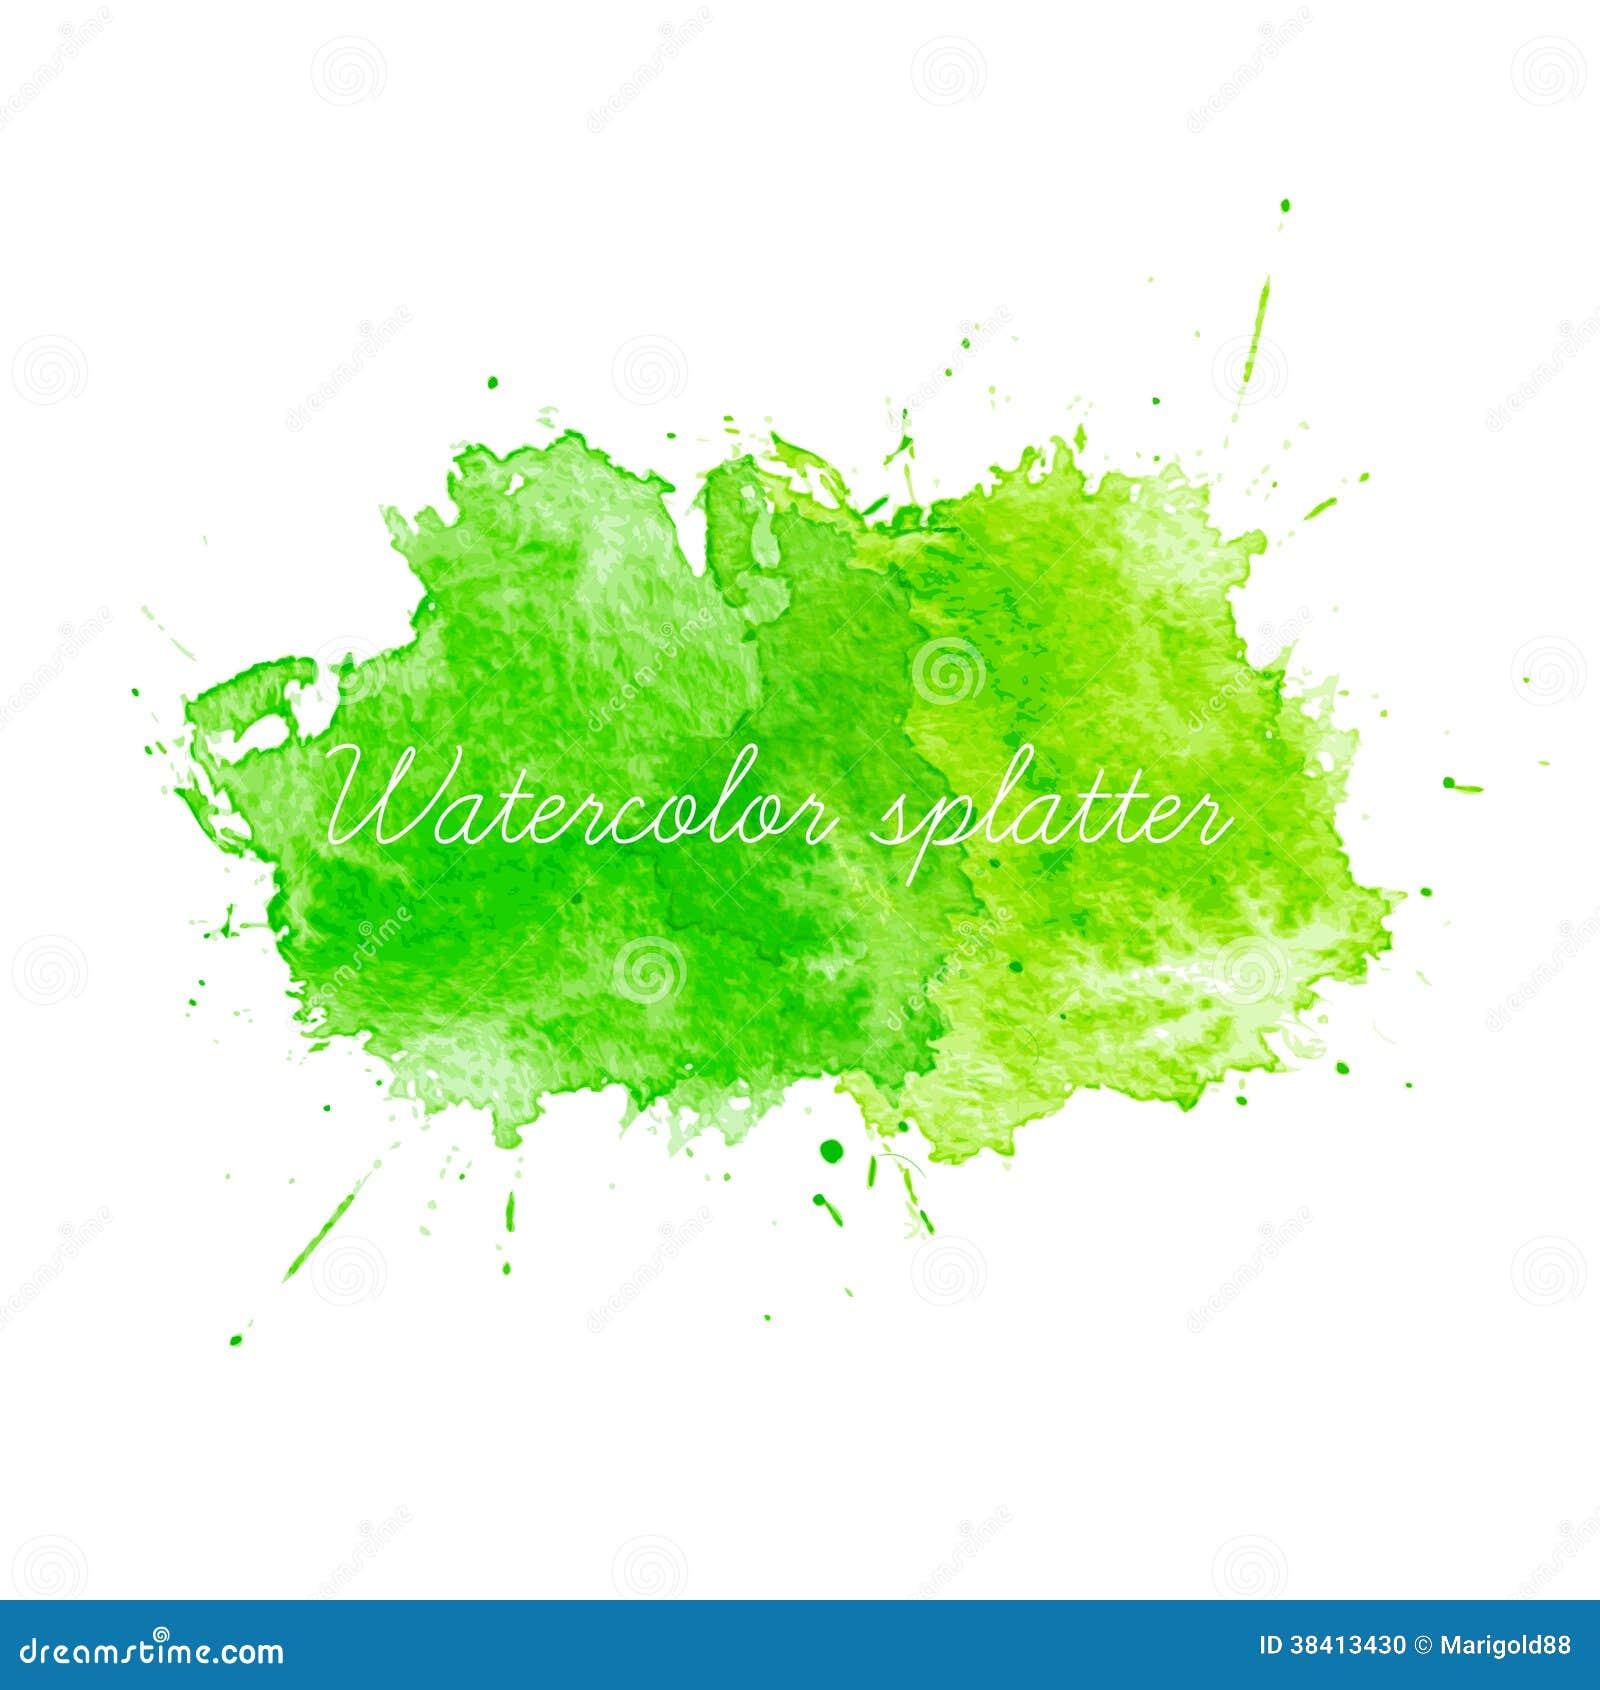 Paint texture paints background download photo color paint texture - Green Watercolor Splatters Stock Photo Image 38413430